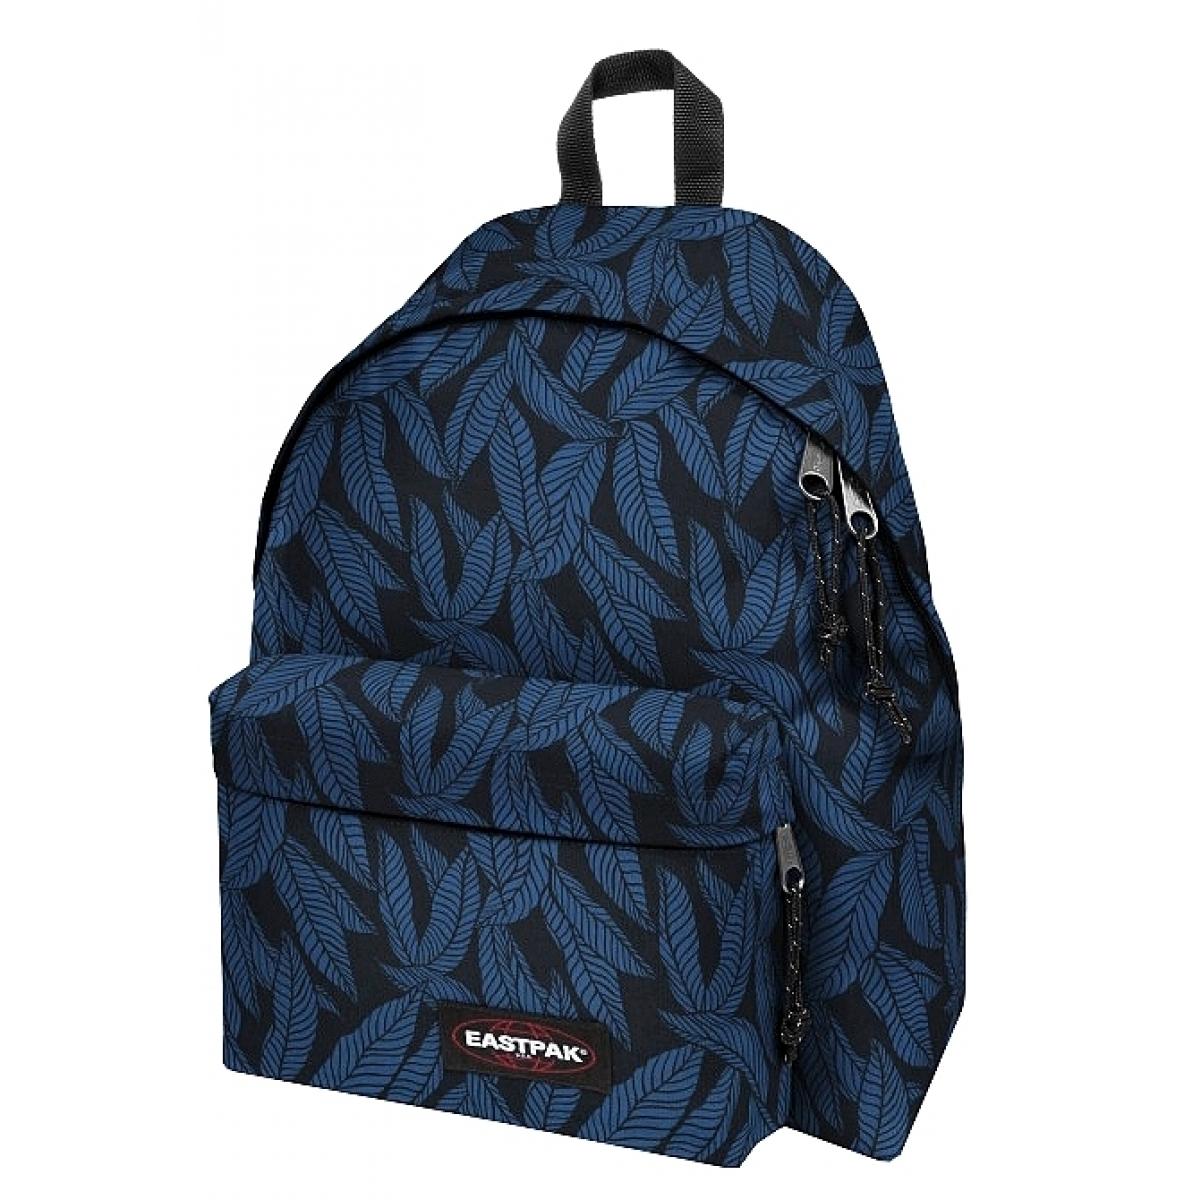 sac dos scolaire eastpak ek620 leaves blue ek62043t couleur assortis. Black Bedroom Furniture Sets. Home Design Ideas